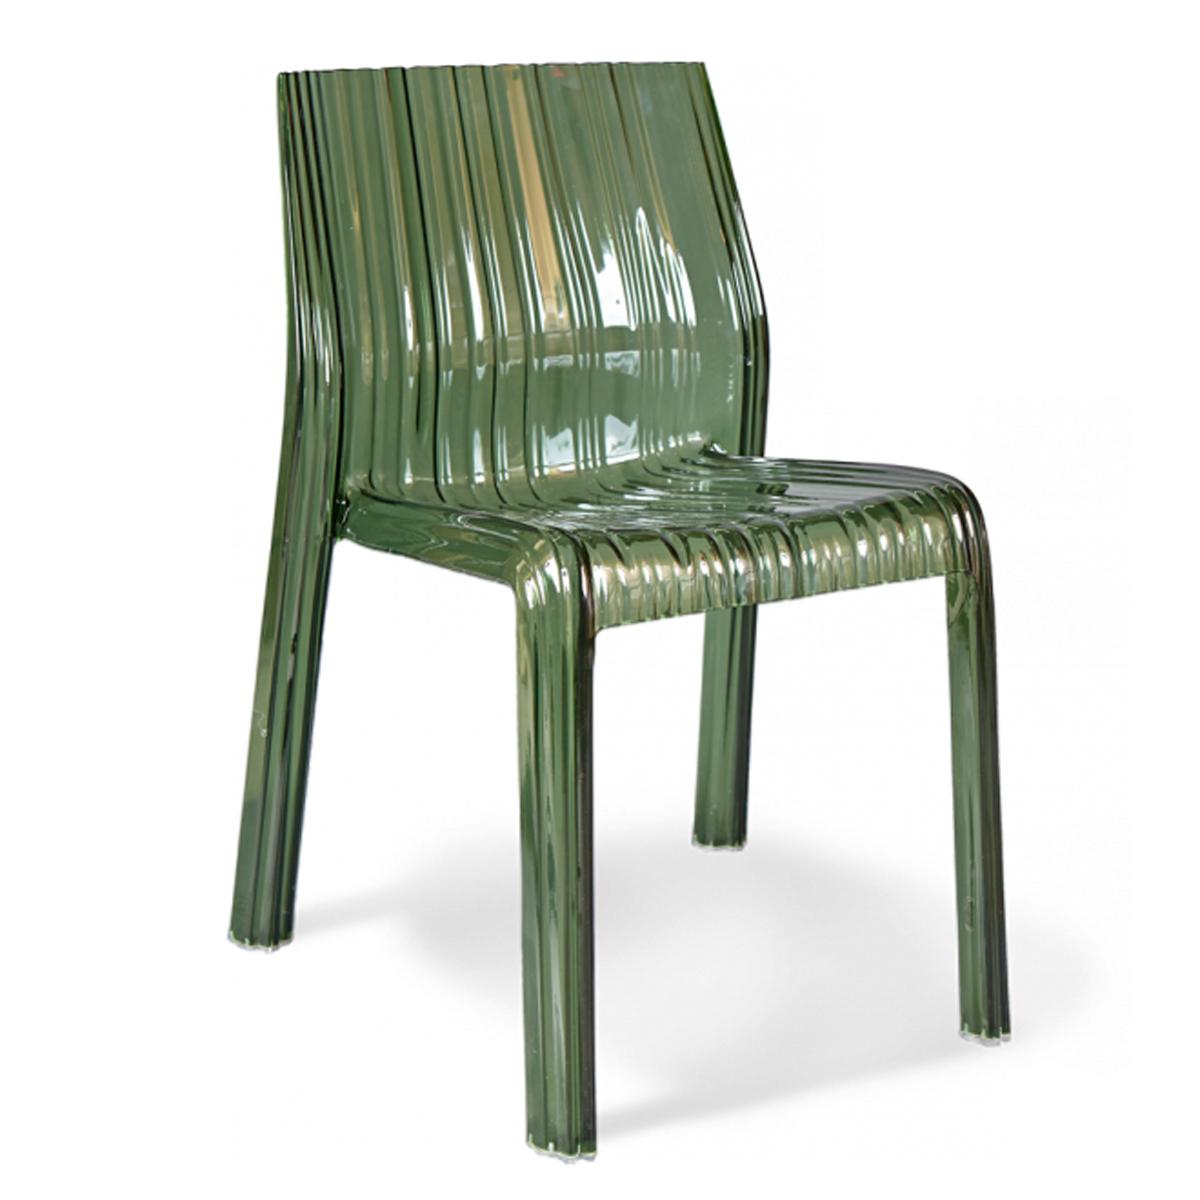 Стул Sheffilton, цвет: зеленый, 54 см х 55 см х 78 смSHT-S13Современный акриловый стул Sheffilton с европейским дизайном отлично подойдет для дома, сада, лоджии, а также для кафе, баров и ресторанов. Стул устойчив к деформациям, механическому воздействию и легок в уходе. Можно штабелировать, что позволяет экономить место при хранении. Изделие практически не утрачивает внешнего вида в процессе эксплуатации. Сидение и каркас выполнены из поликарбоната. Размер сиденья: 35 см х 37,5 см х 32,5 см. Высота спинки: 32,5 см.